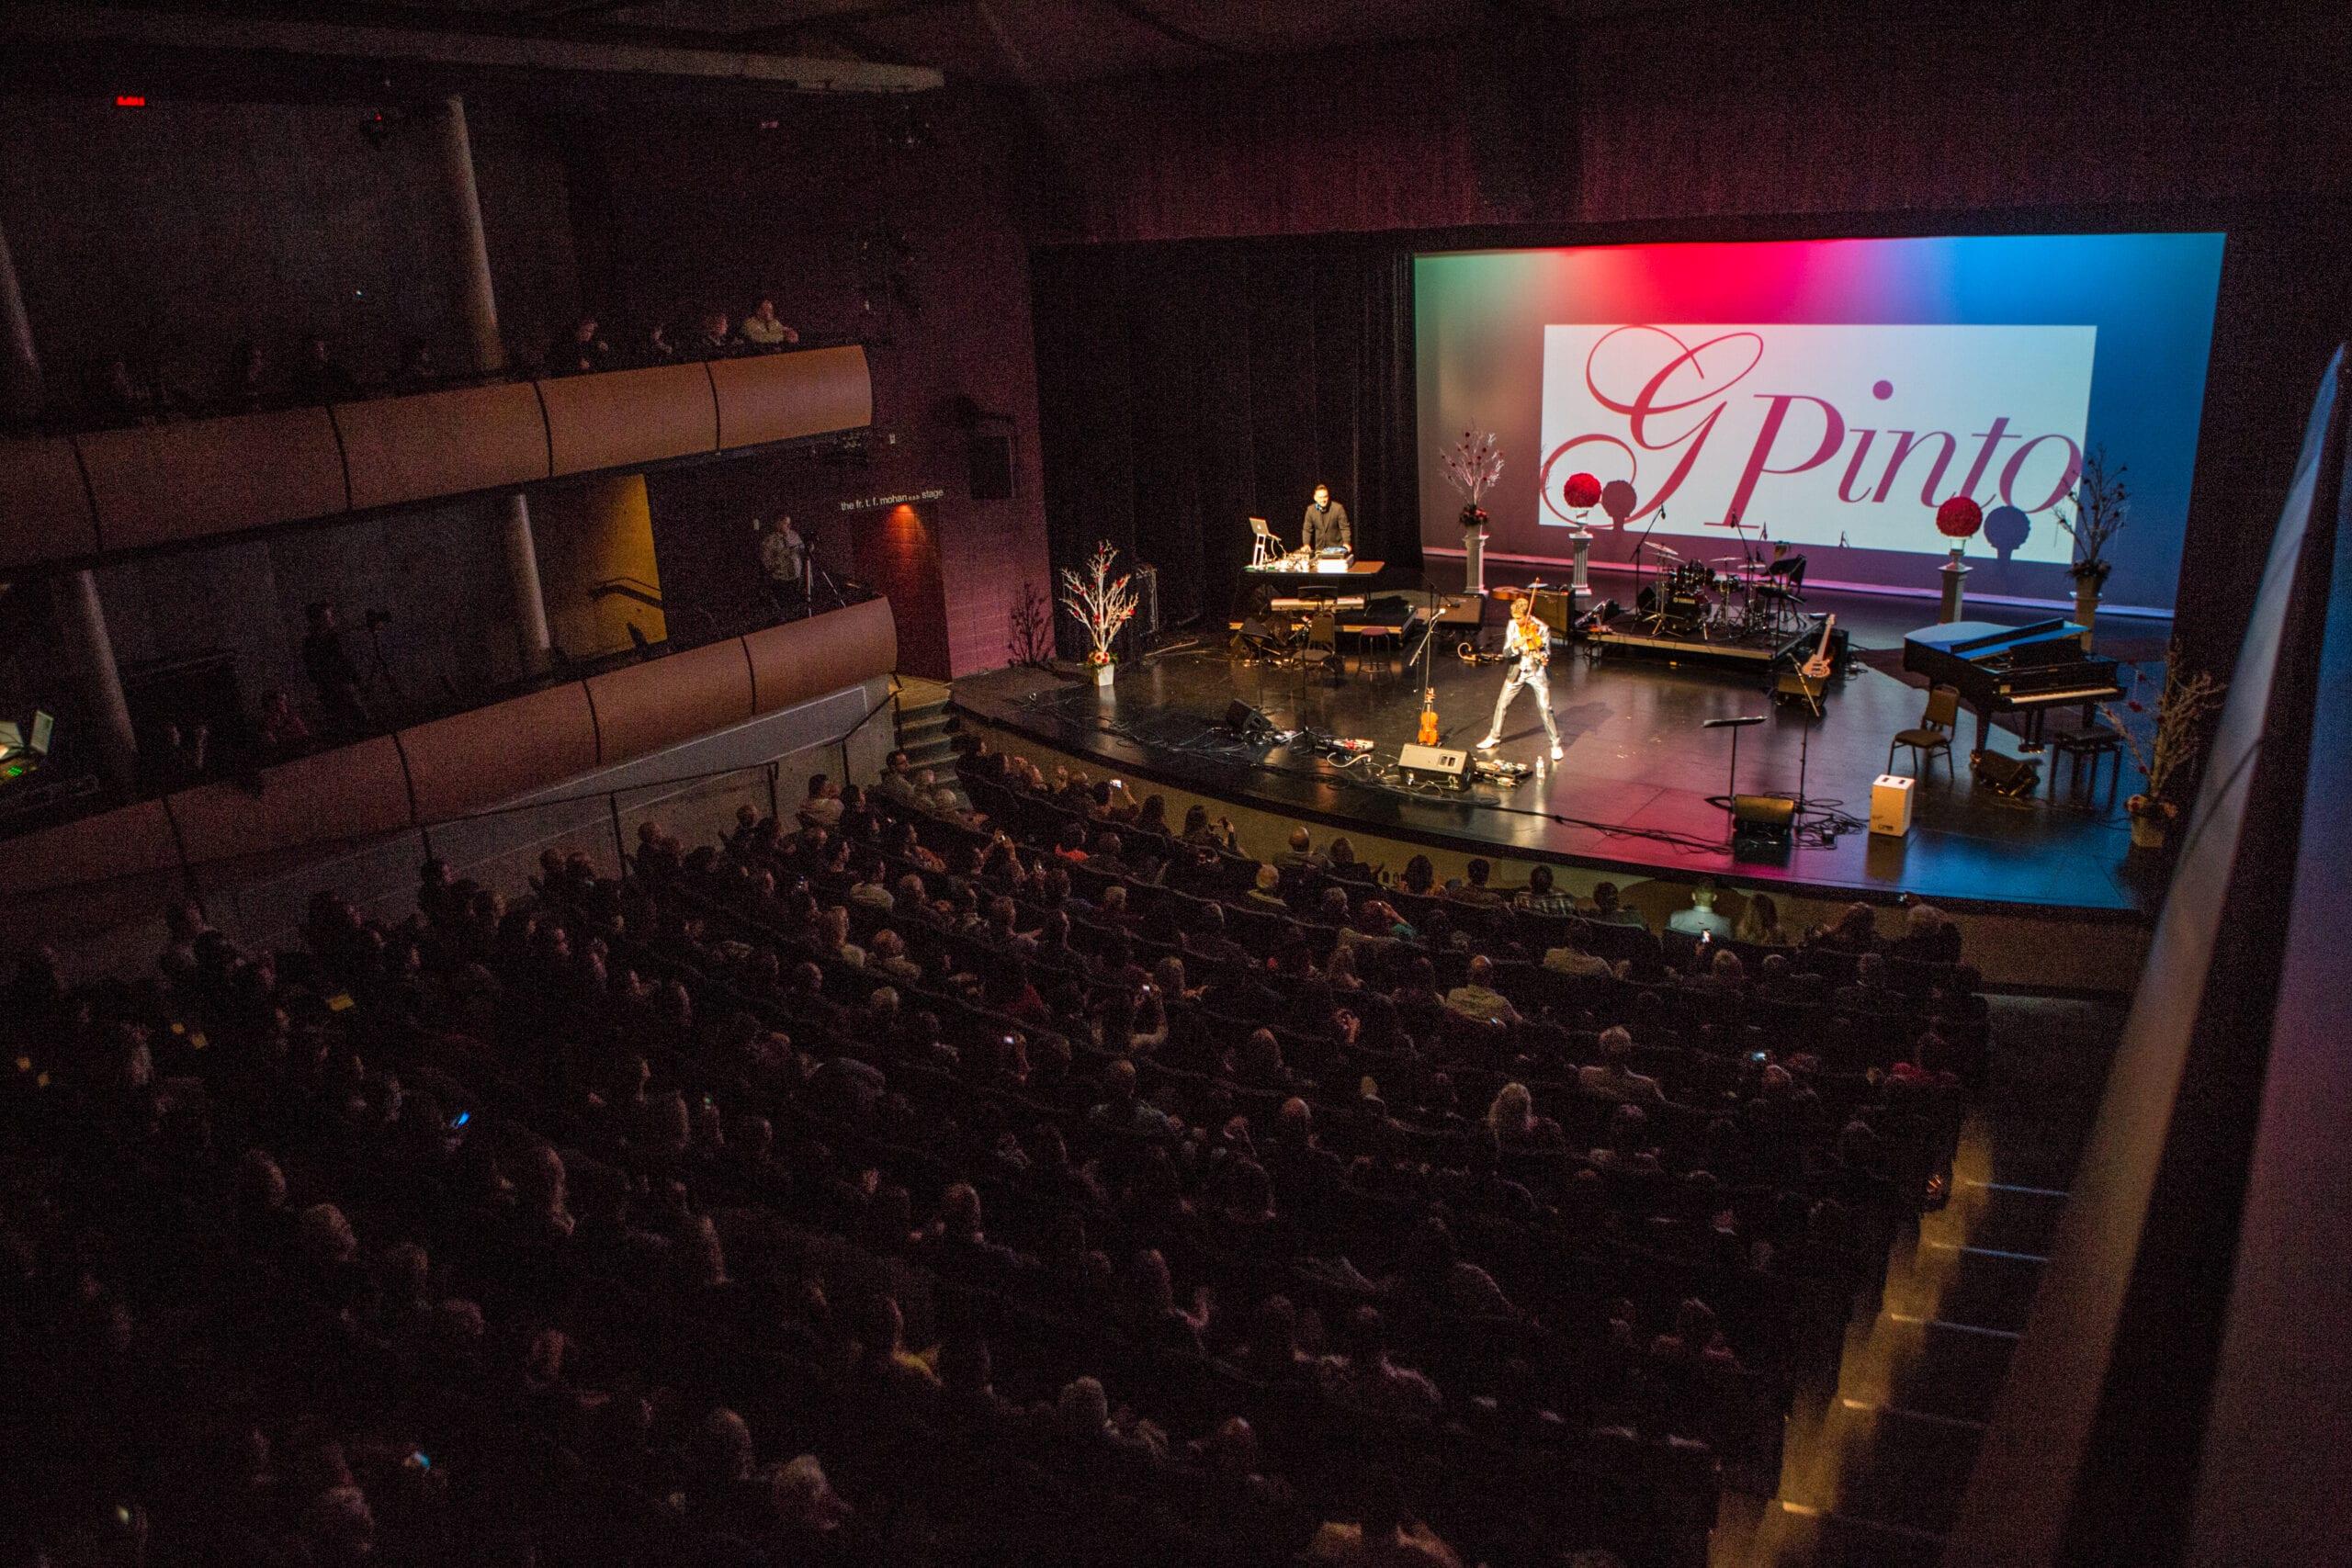 G Pinto - Concert